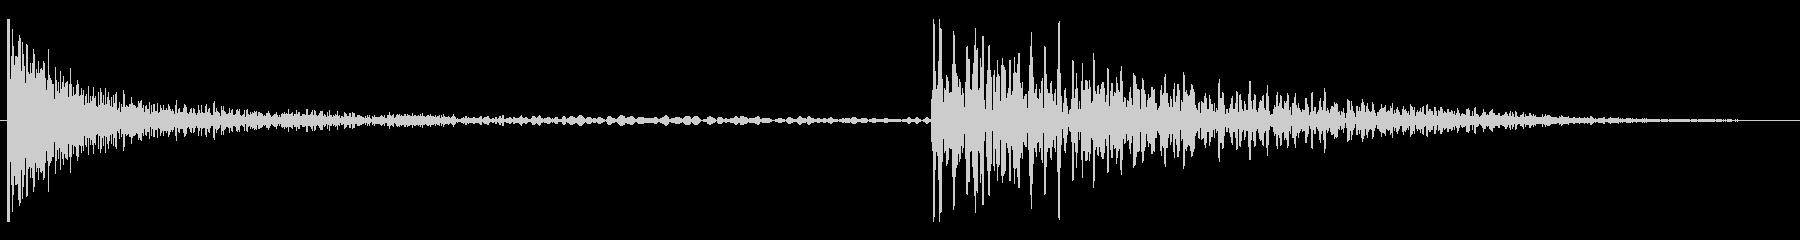 打楽器系のコミカルな残念音の未再生の波形